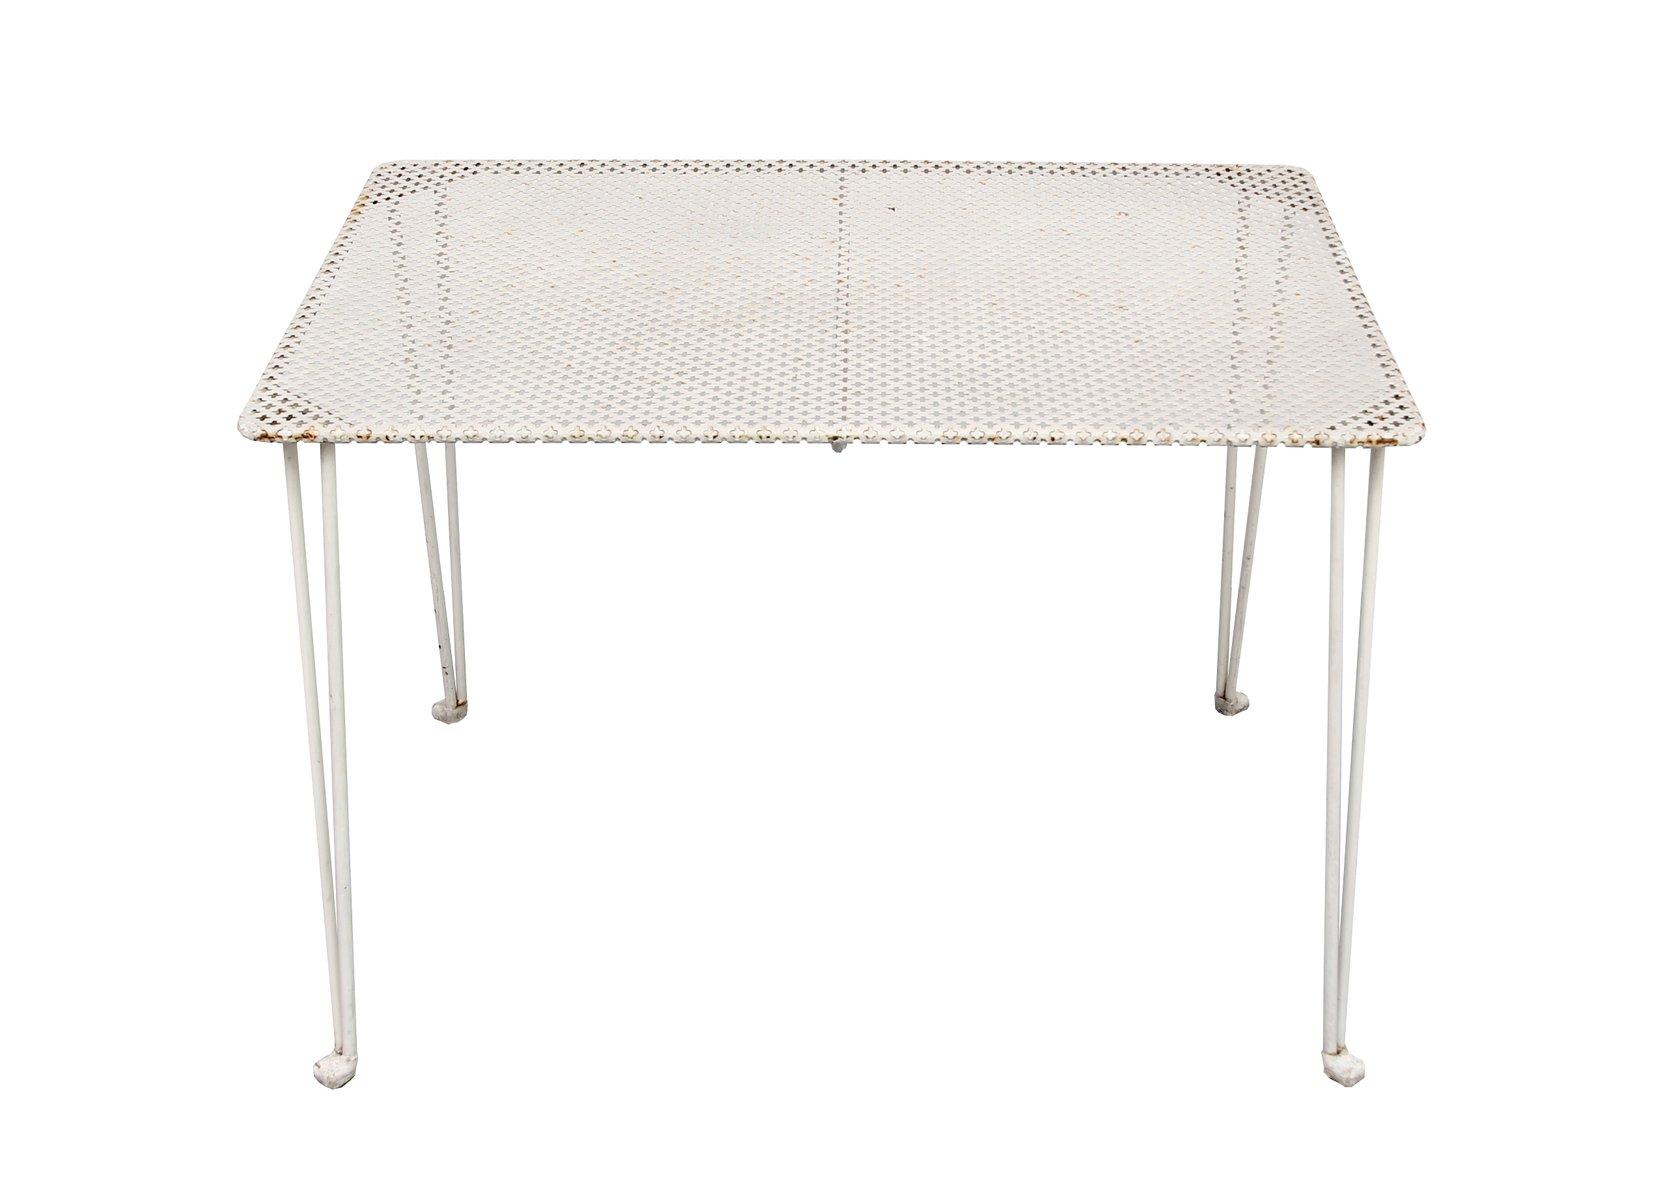 wei er perforierter metall tisch 1950er bei pamono kaufen. Black Bedroom Furniture Sets. Home Design Ideas